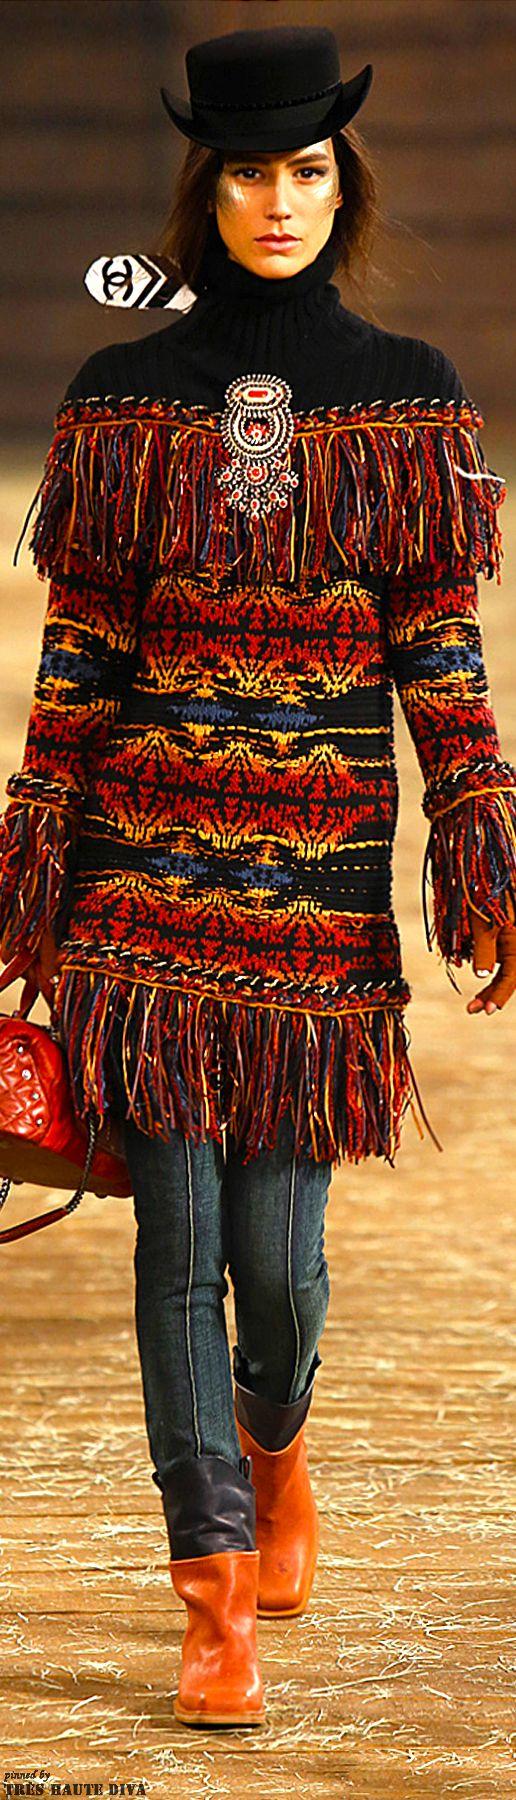 Chanel Pre-Fall 2014 Dallas ♔ Très Haute Diva www.vogue.com/...